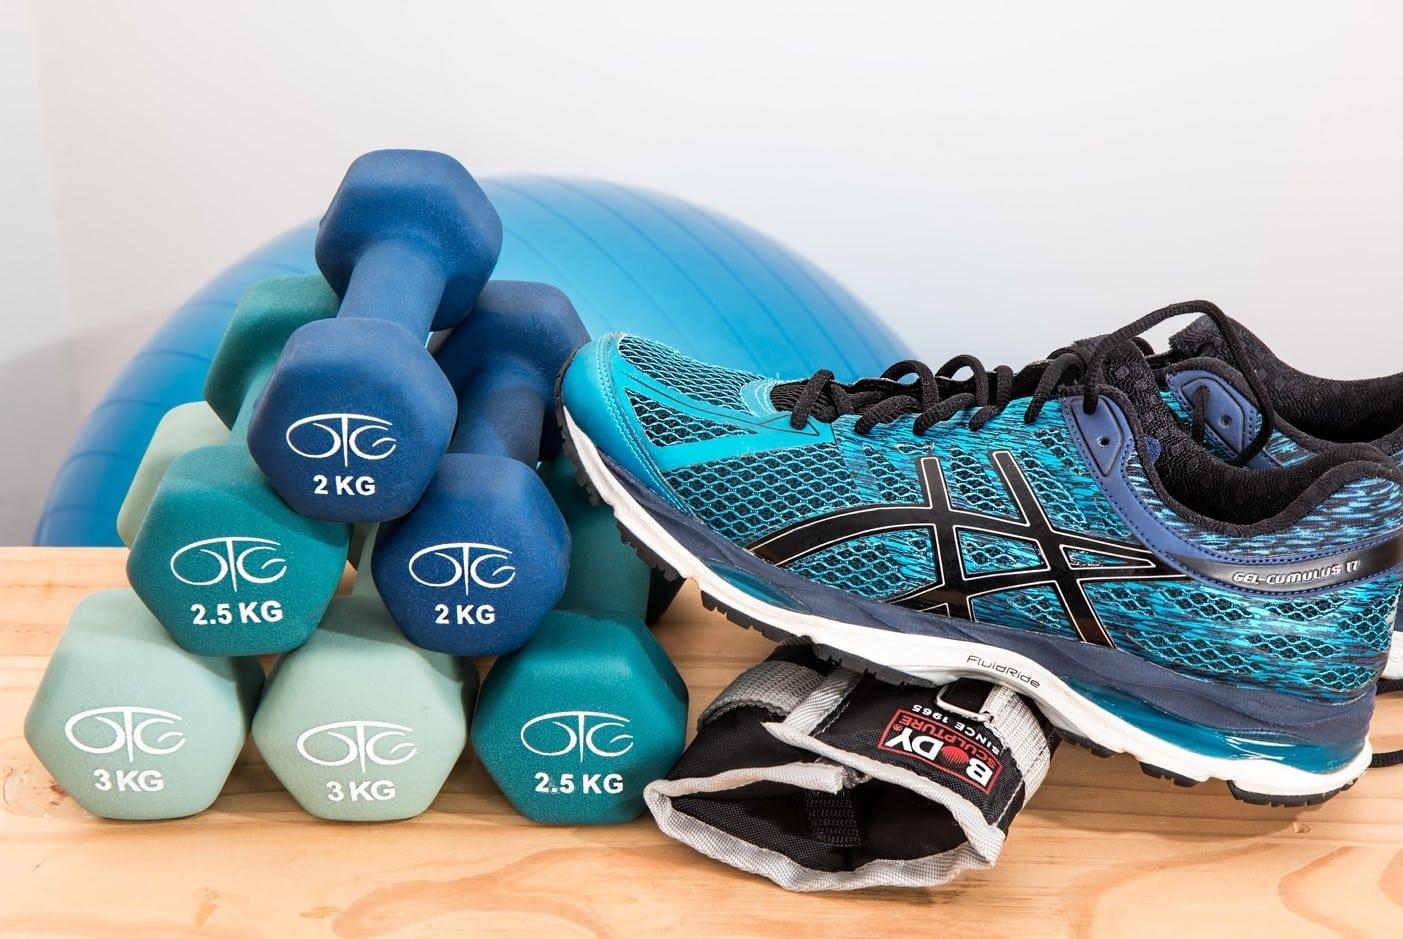 Top 5 Fitness Options in Garden City